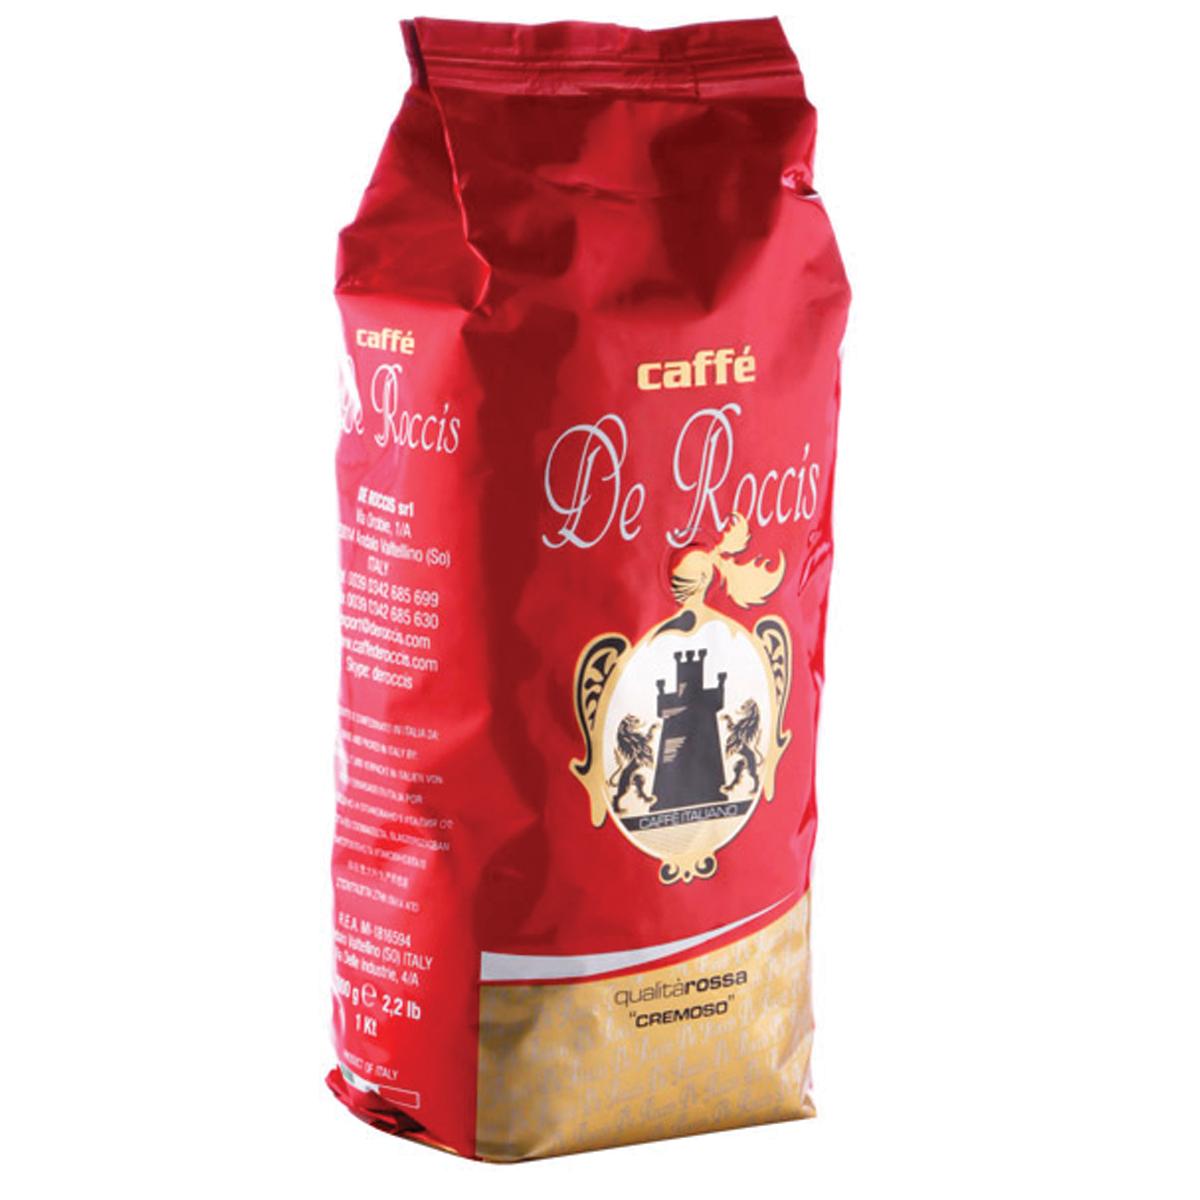 De Roccis Rossa кофе в зернах, 1 кг цена